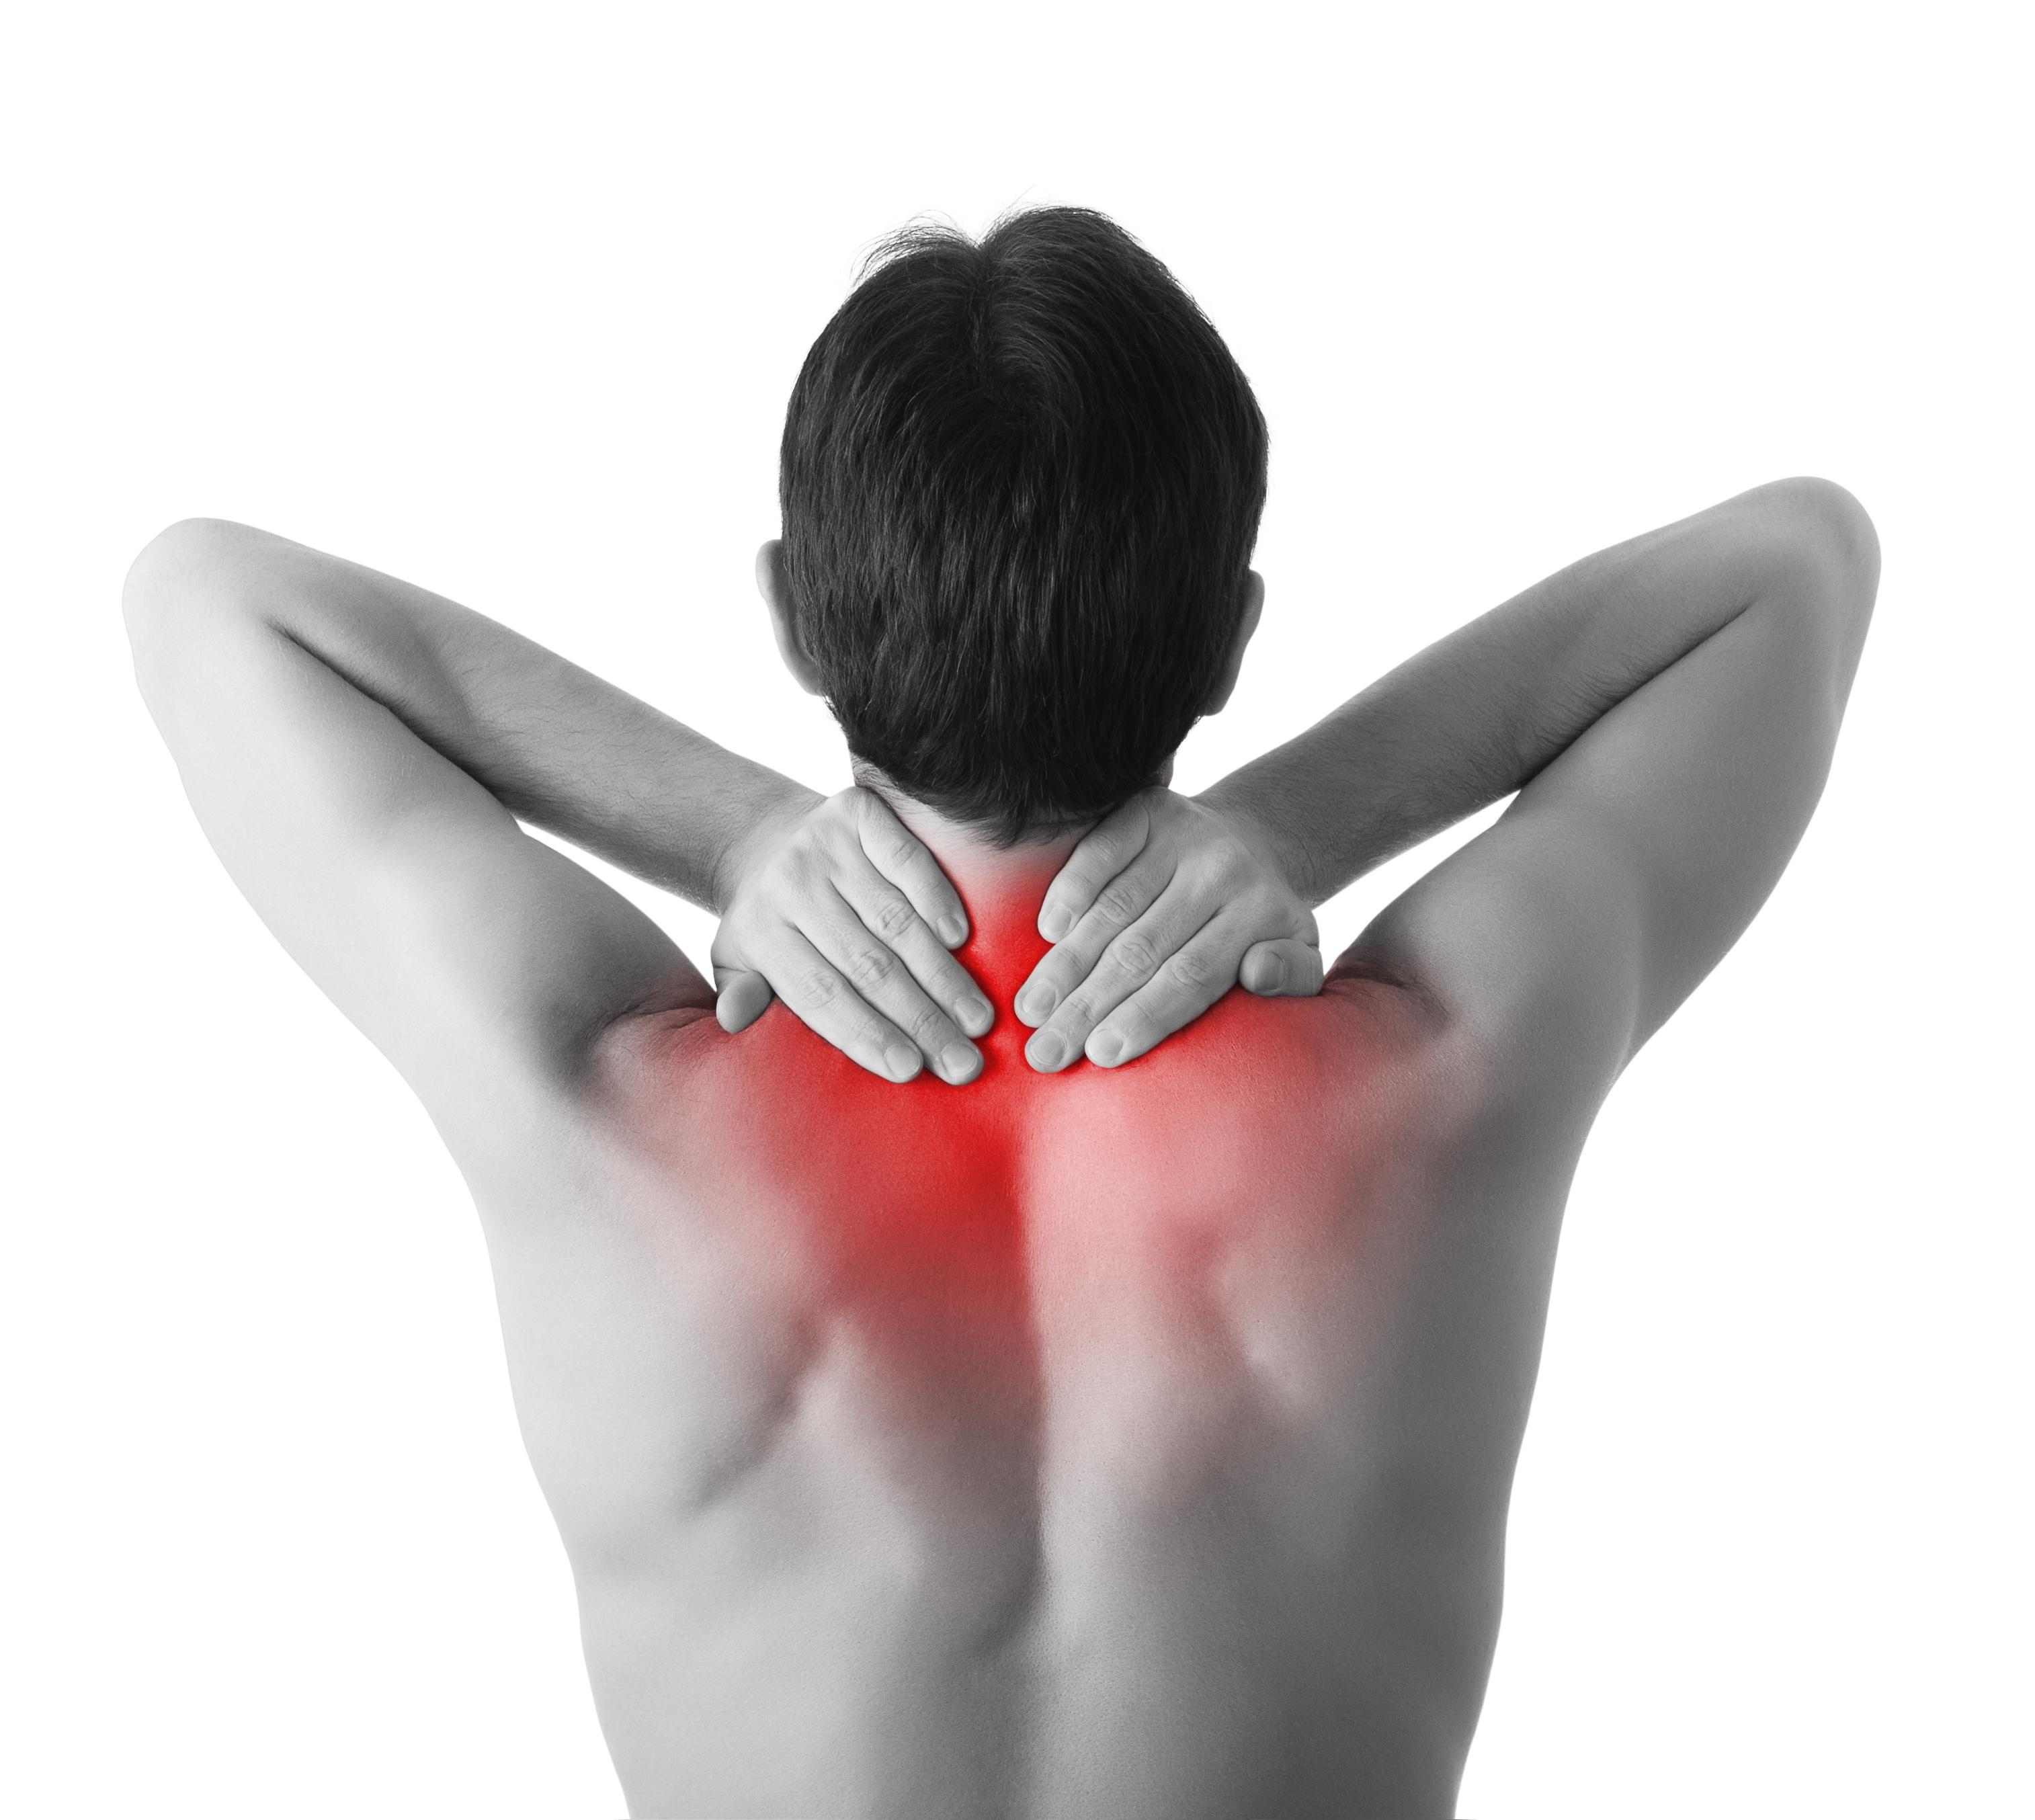 segít az ízületek és a hát alsó részének fájdalmain.)